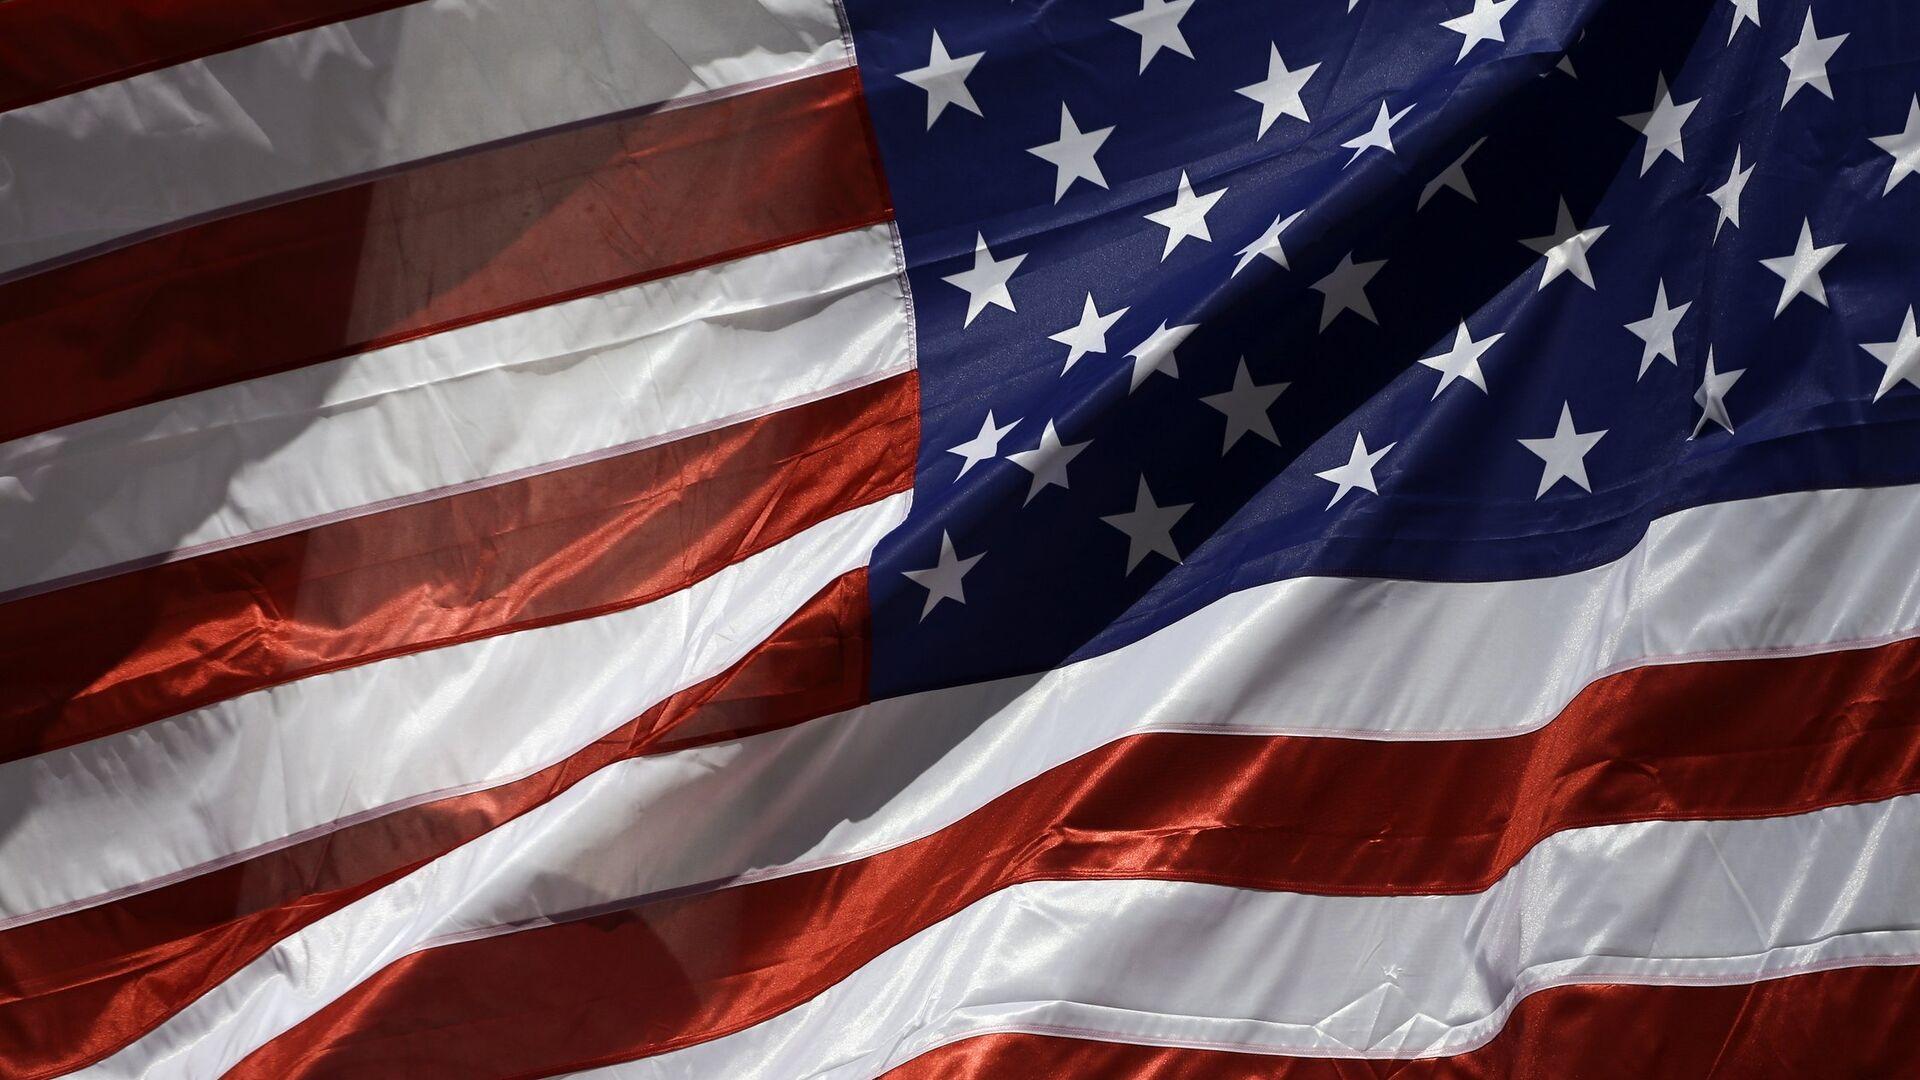 Η αμερικανική σημαία - Sputnik Ελλάδα, 1920, 13.10.2021